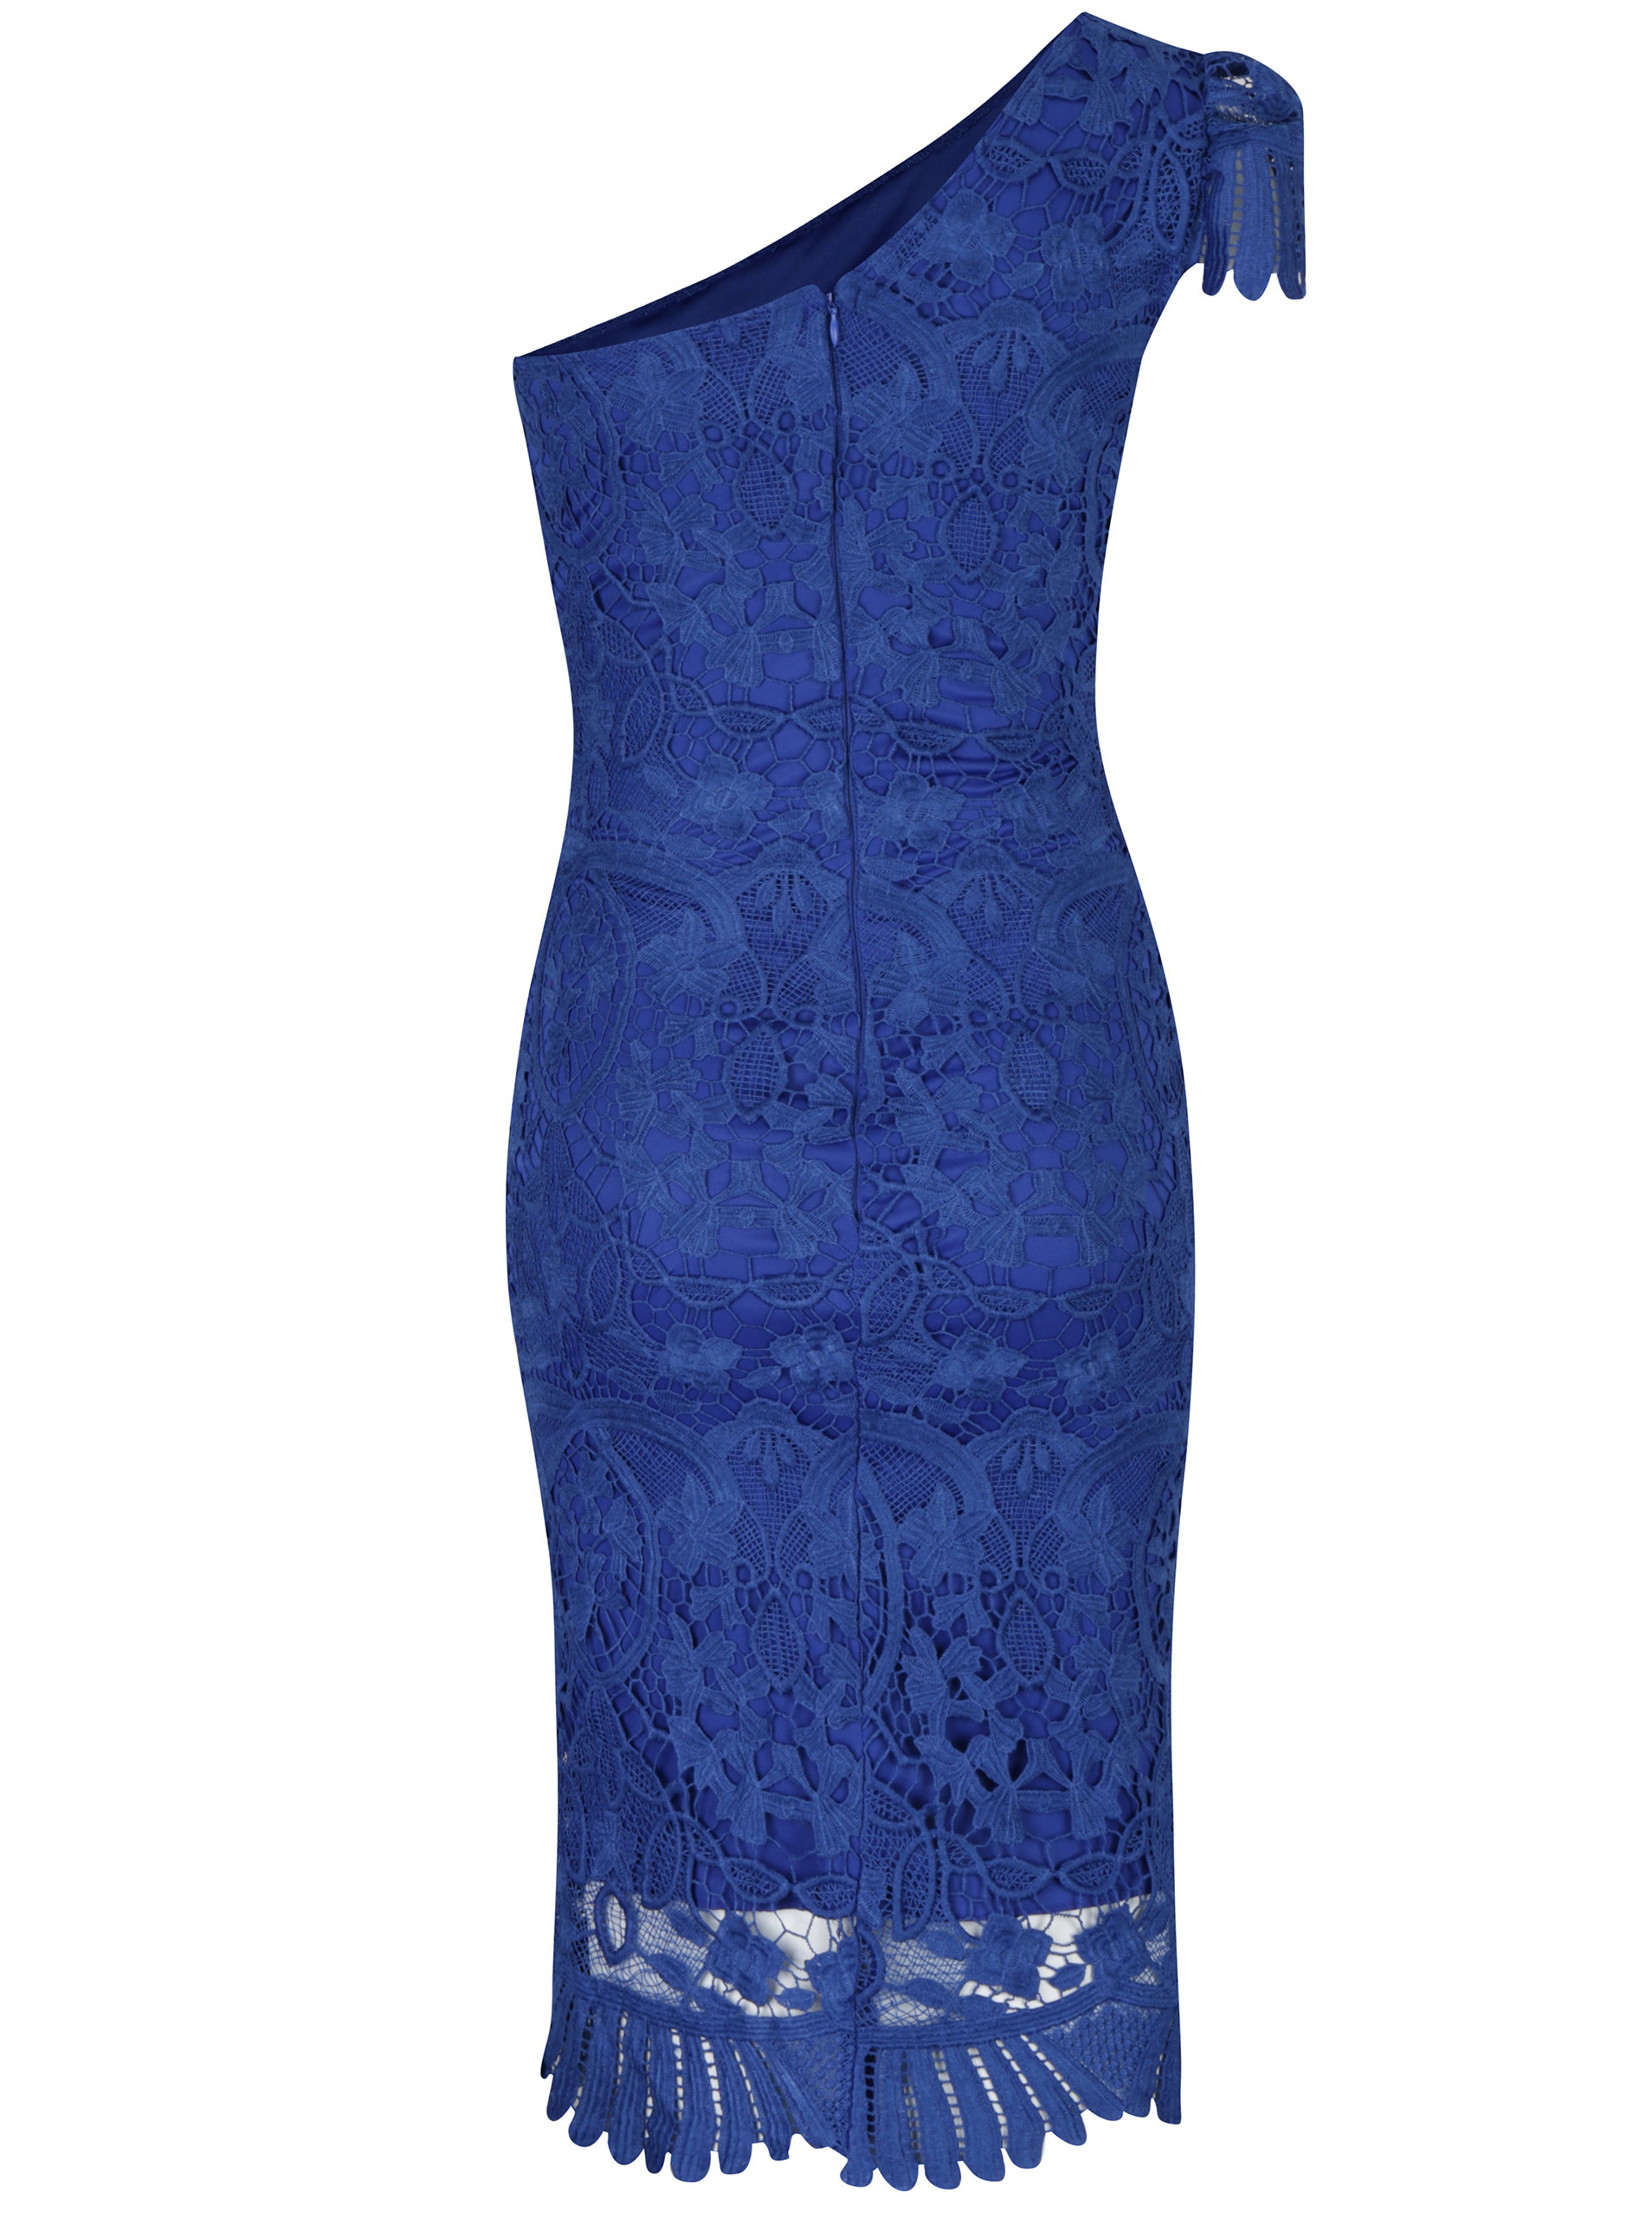 395f15f7cef9 Modré čipkované šaty cez jedno rameno Miss Grey Sofa ...